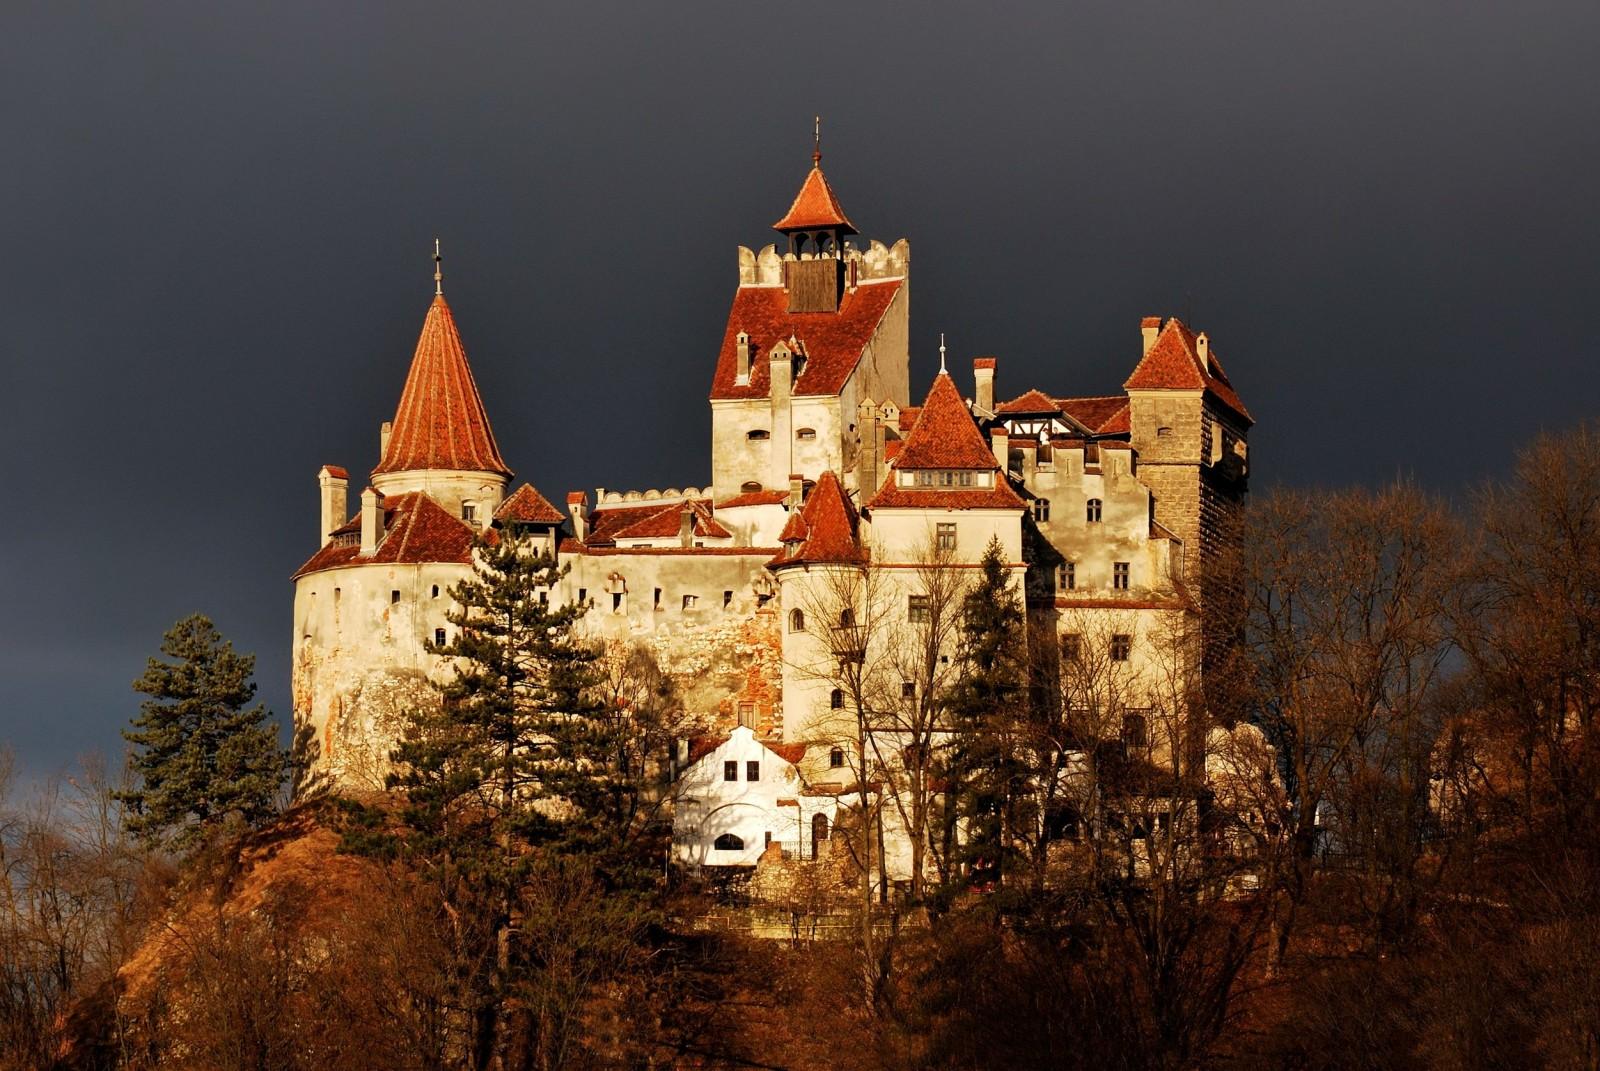 Dracula's castle.